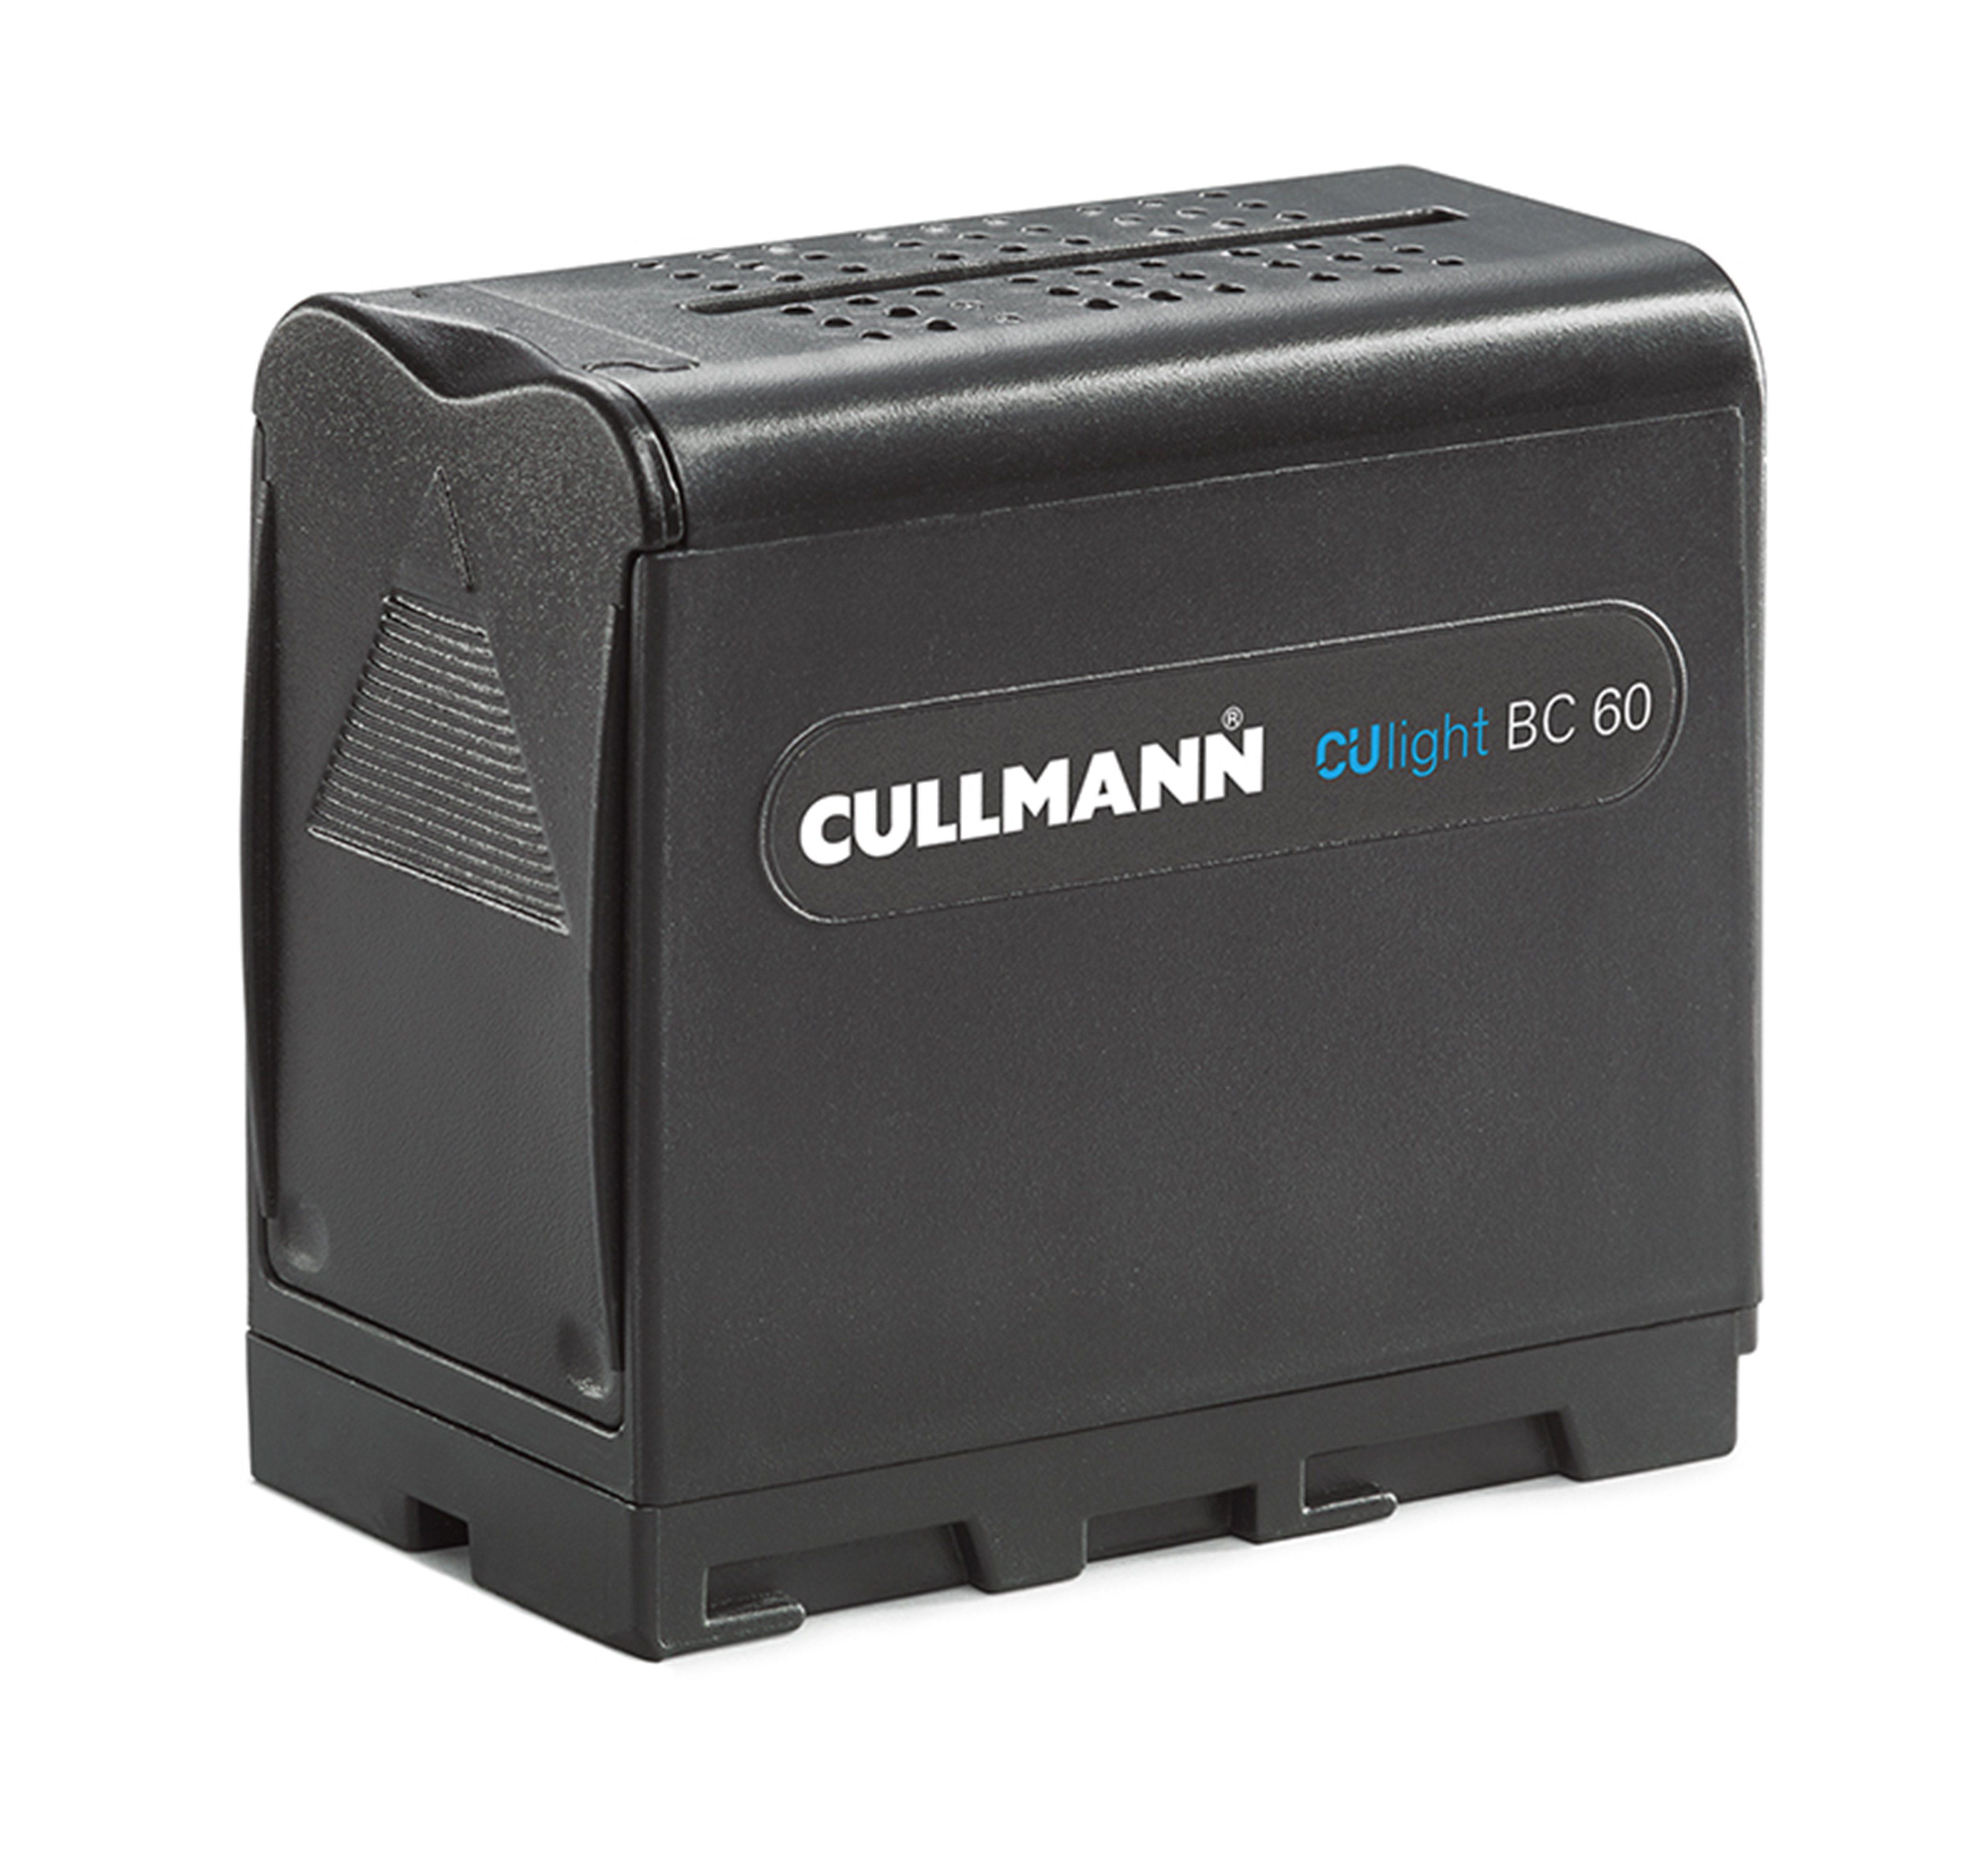 Cullmann Batteriekorb für LED-Leuchten, 6x AA »Culight BC 60«